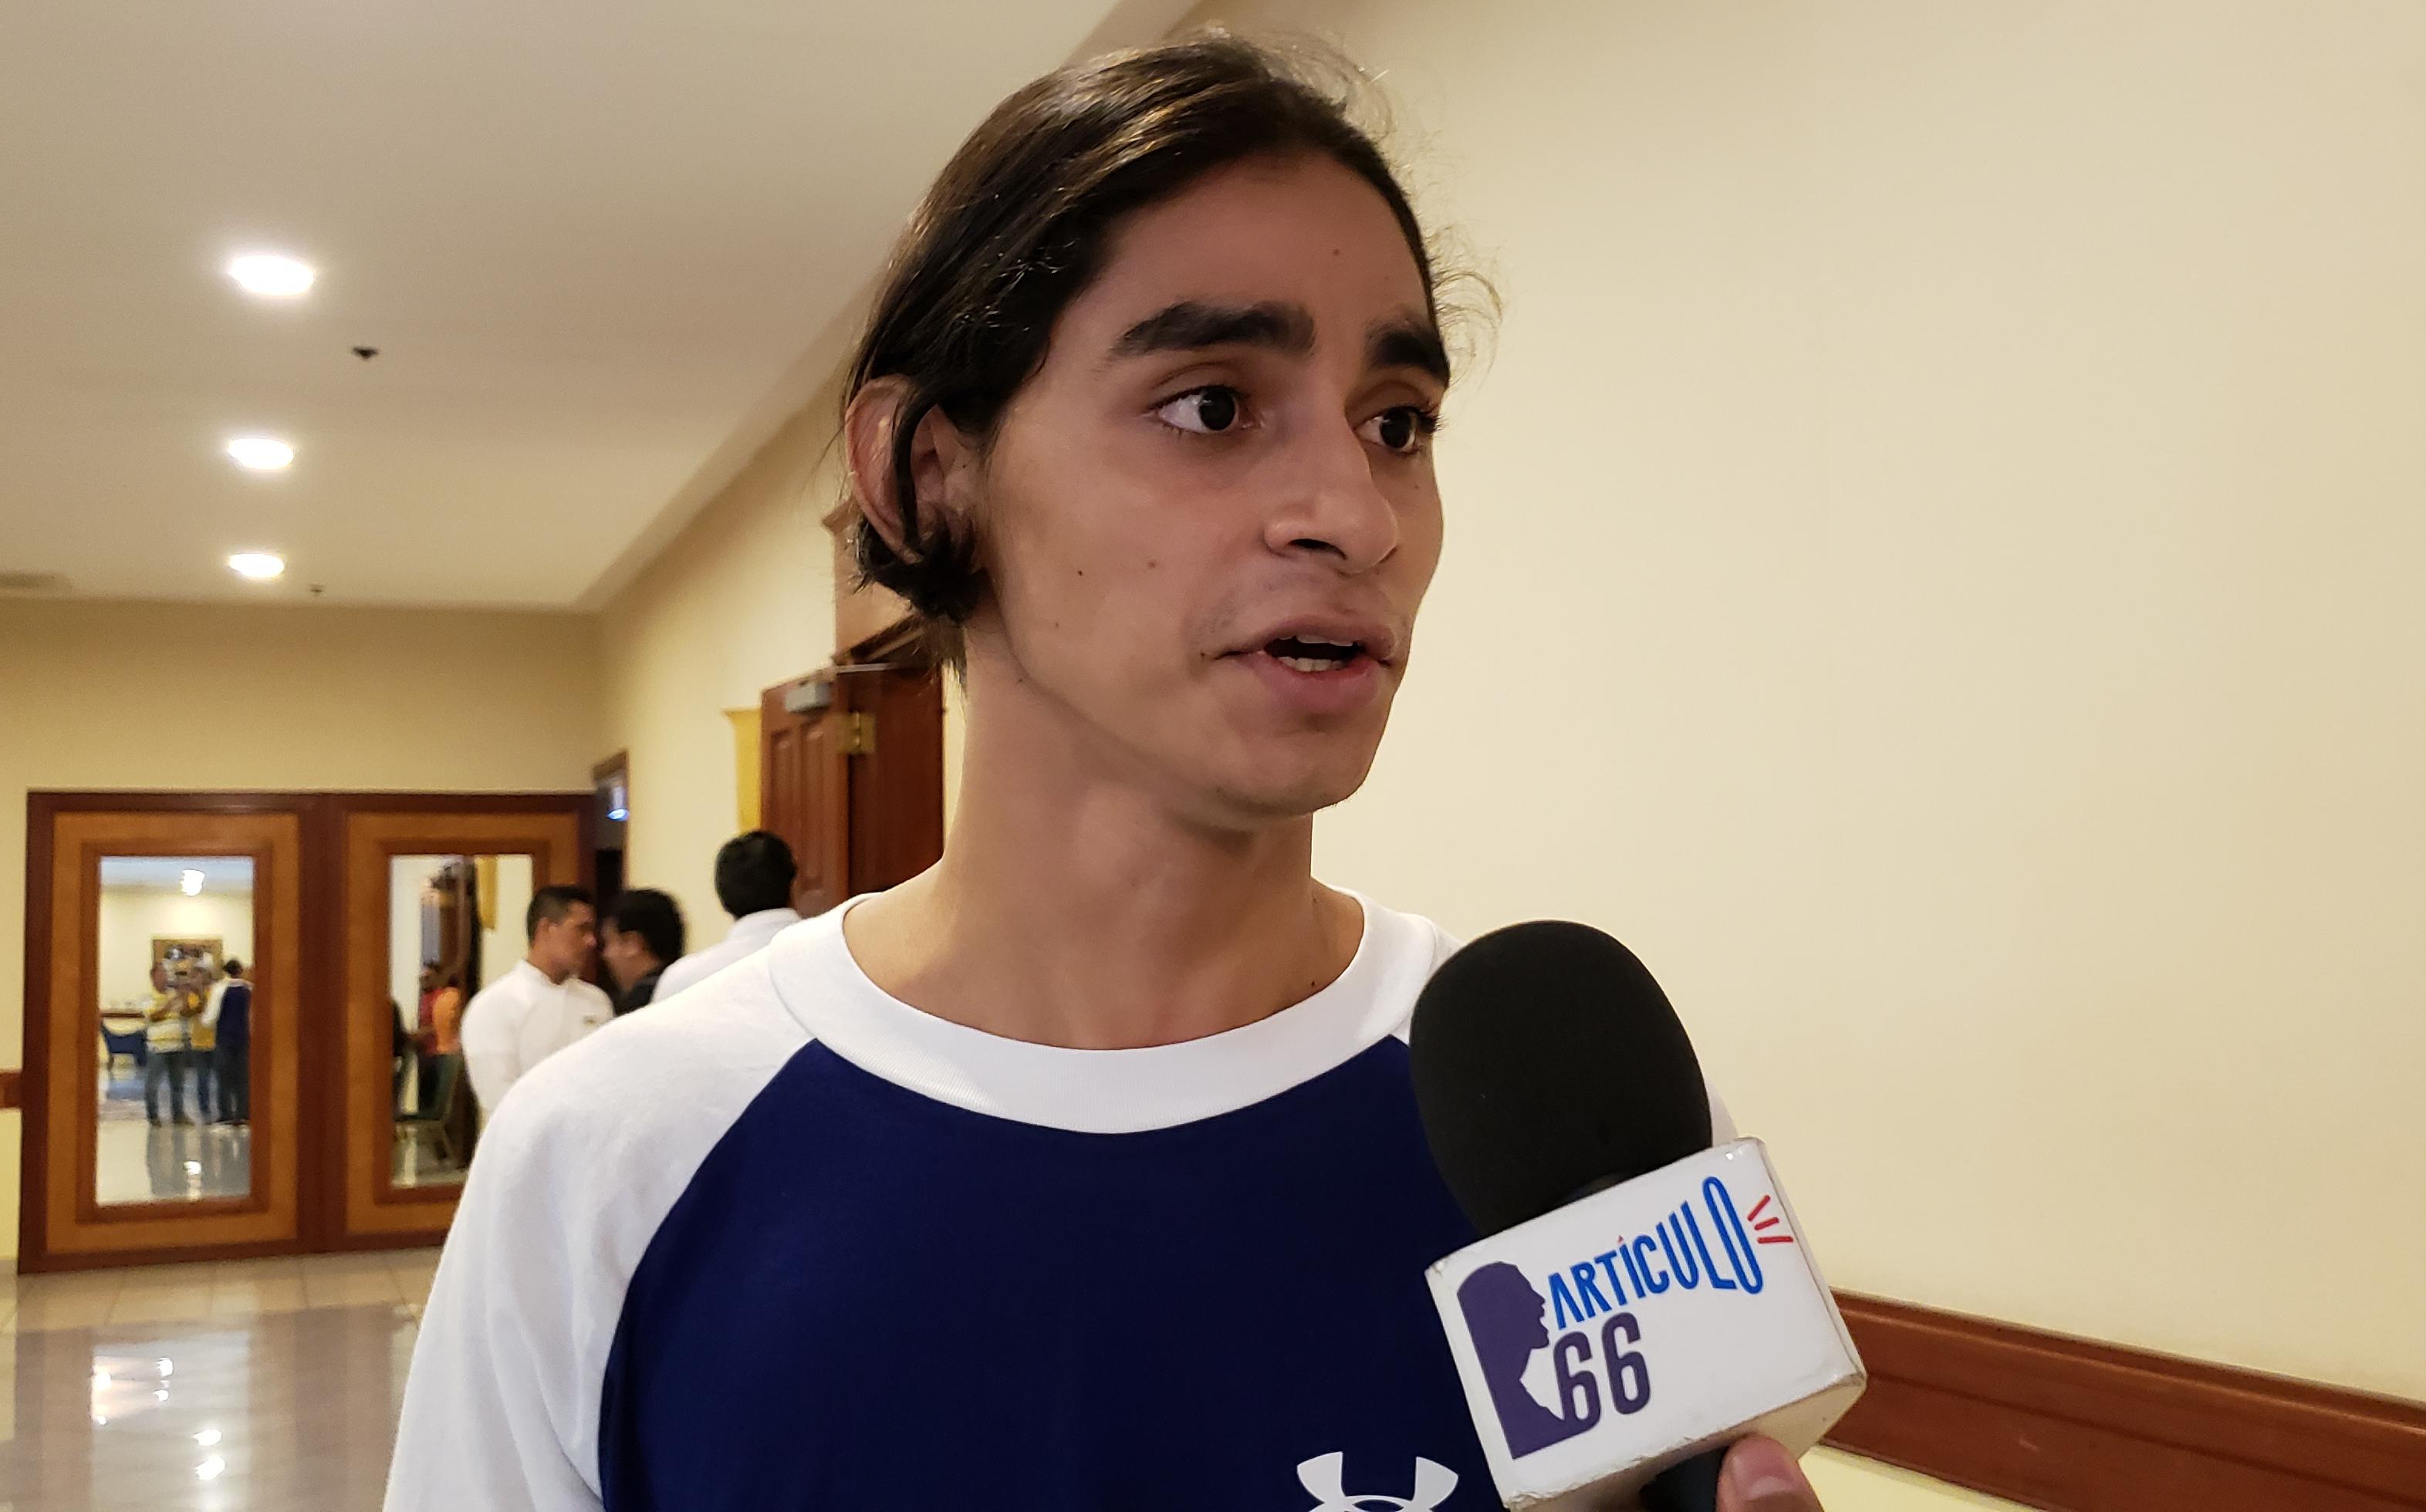 """Excarcelado político Nahiroby Olivas: """"Temo por mi familia y por mi vida"""". Foto: Geovanny Shiffman/Artículo 66"""